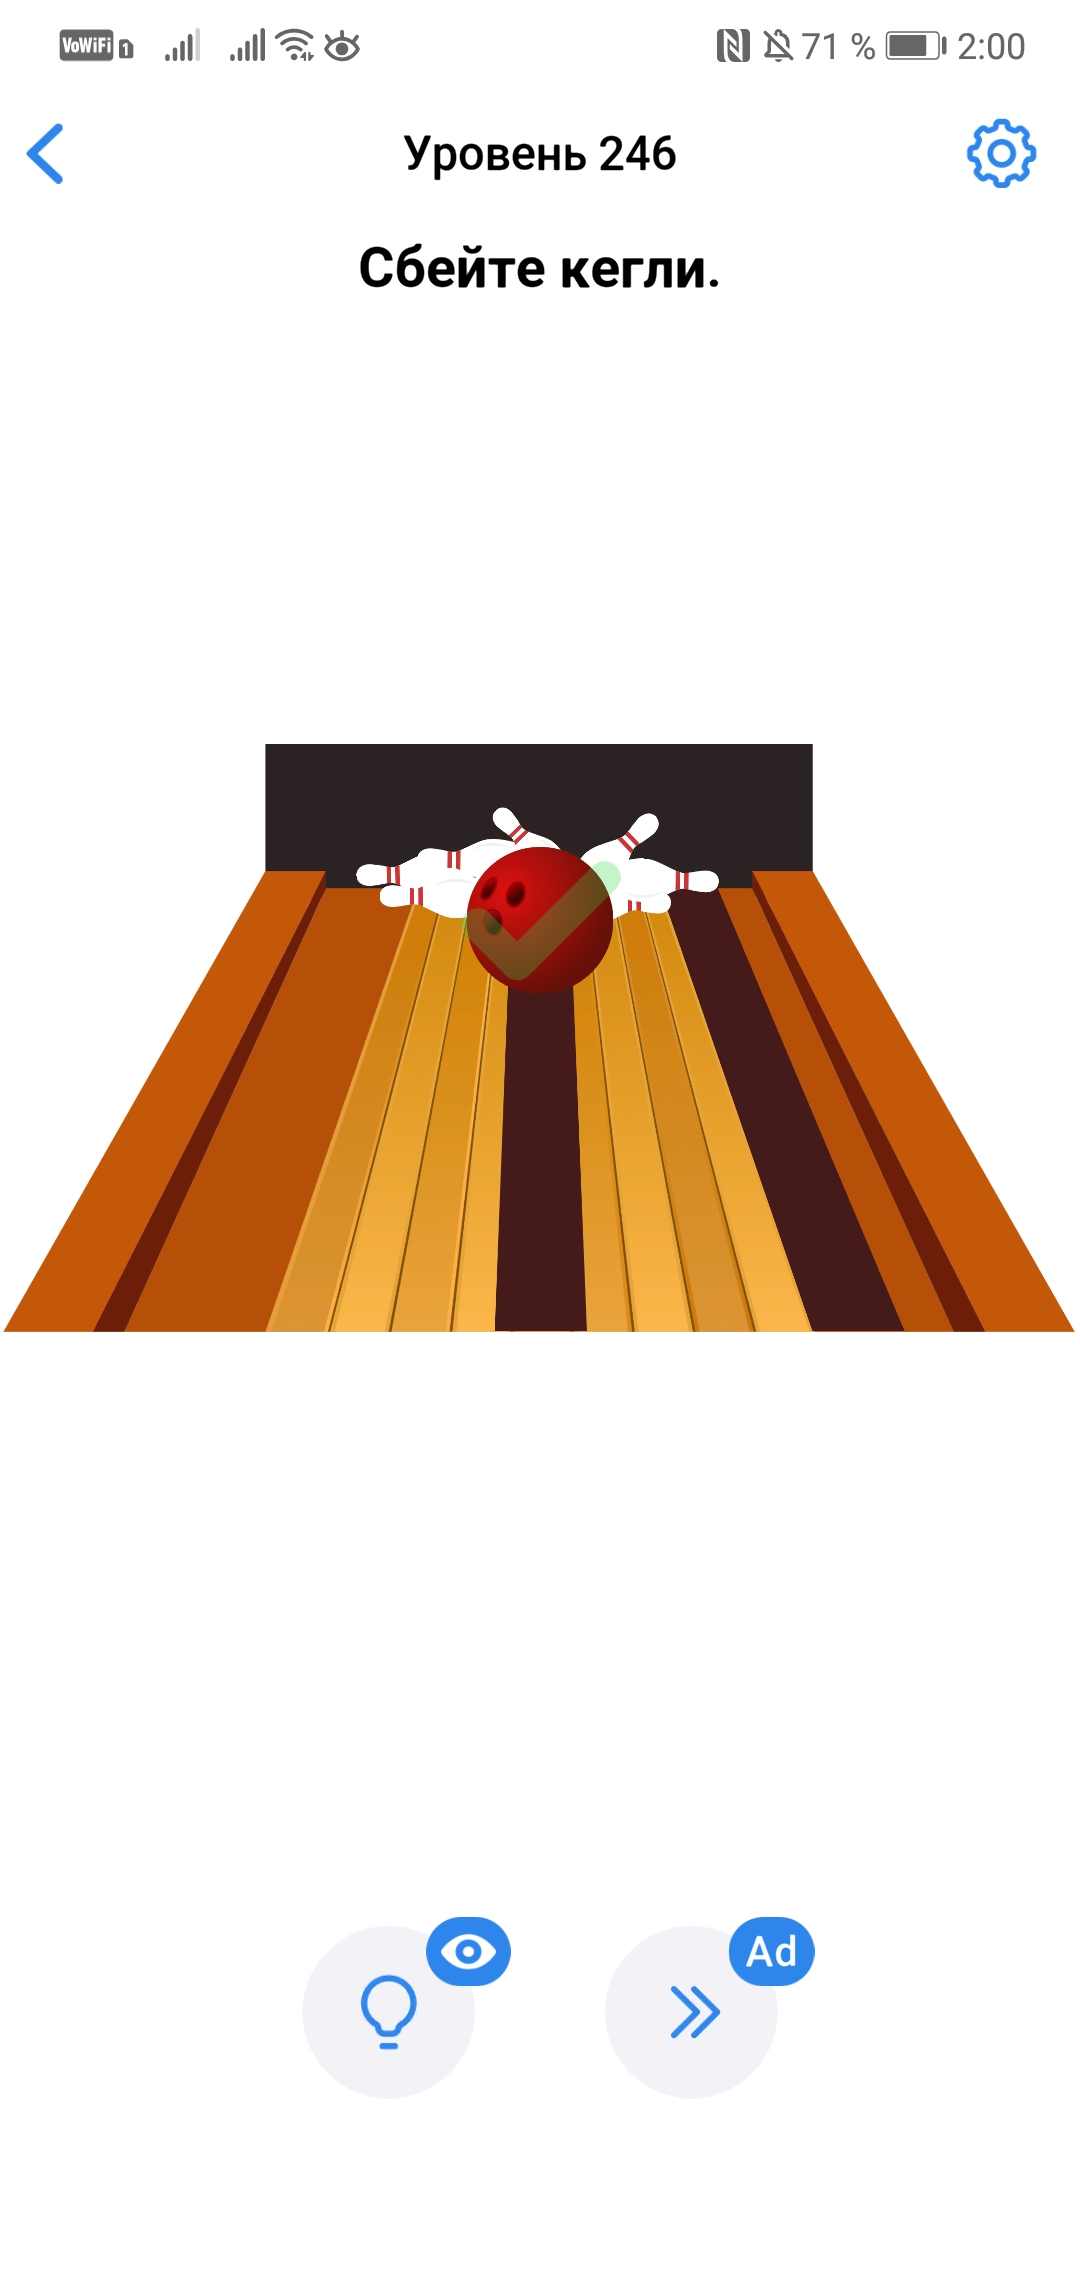 Easy Game - 246 уровень - Сбейте кегли.